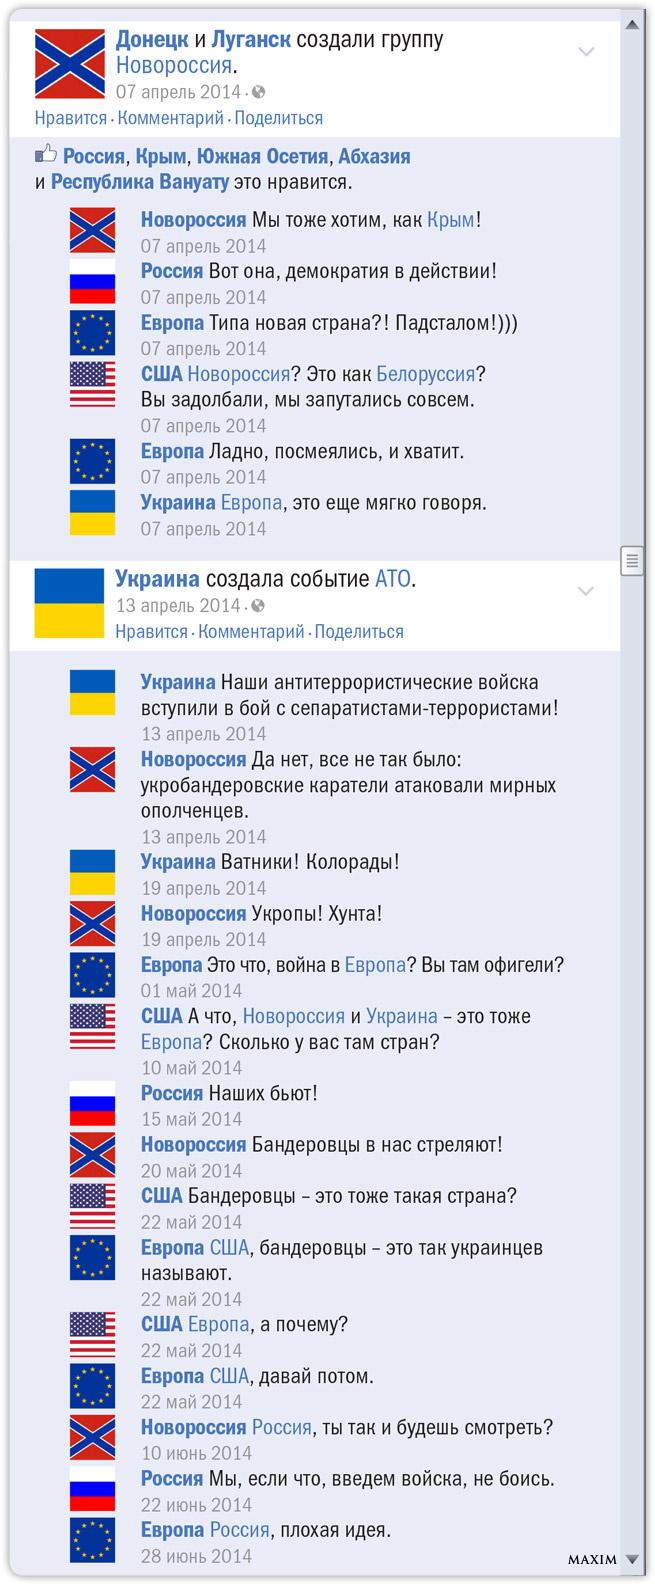 Российско-украинский конфликт в виде ленты Фейсбука